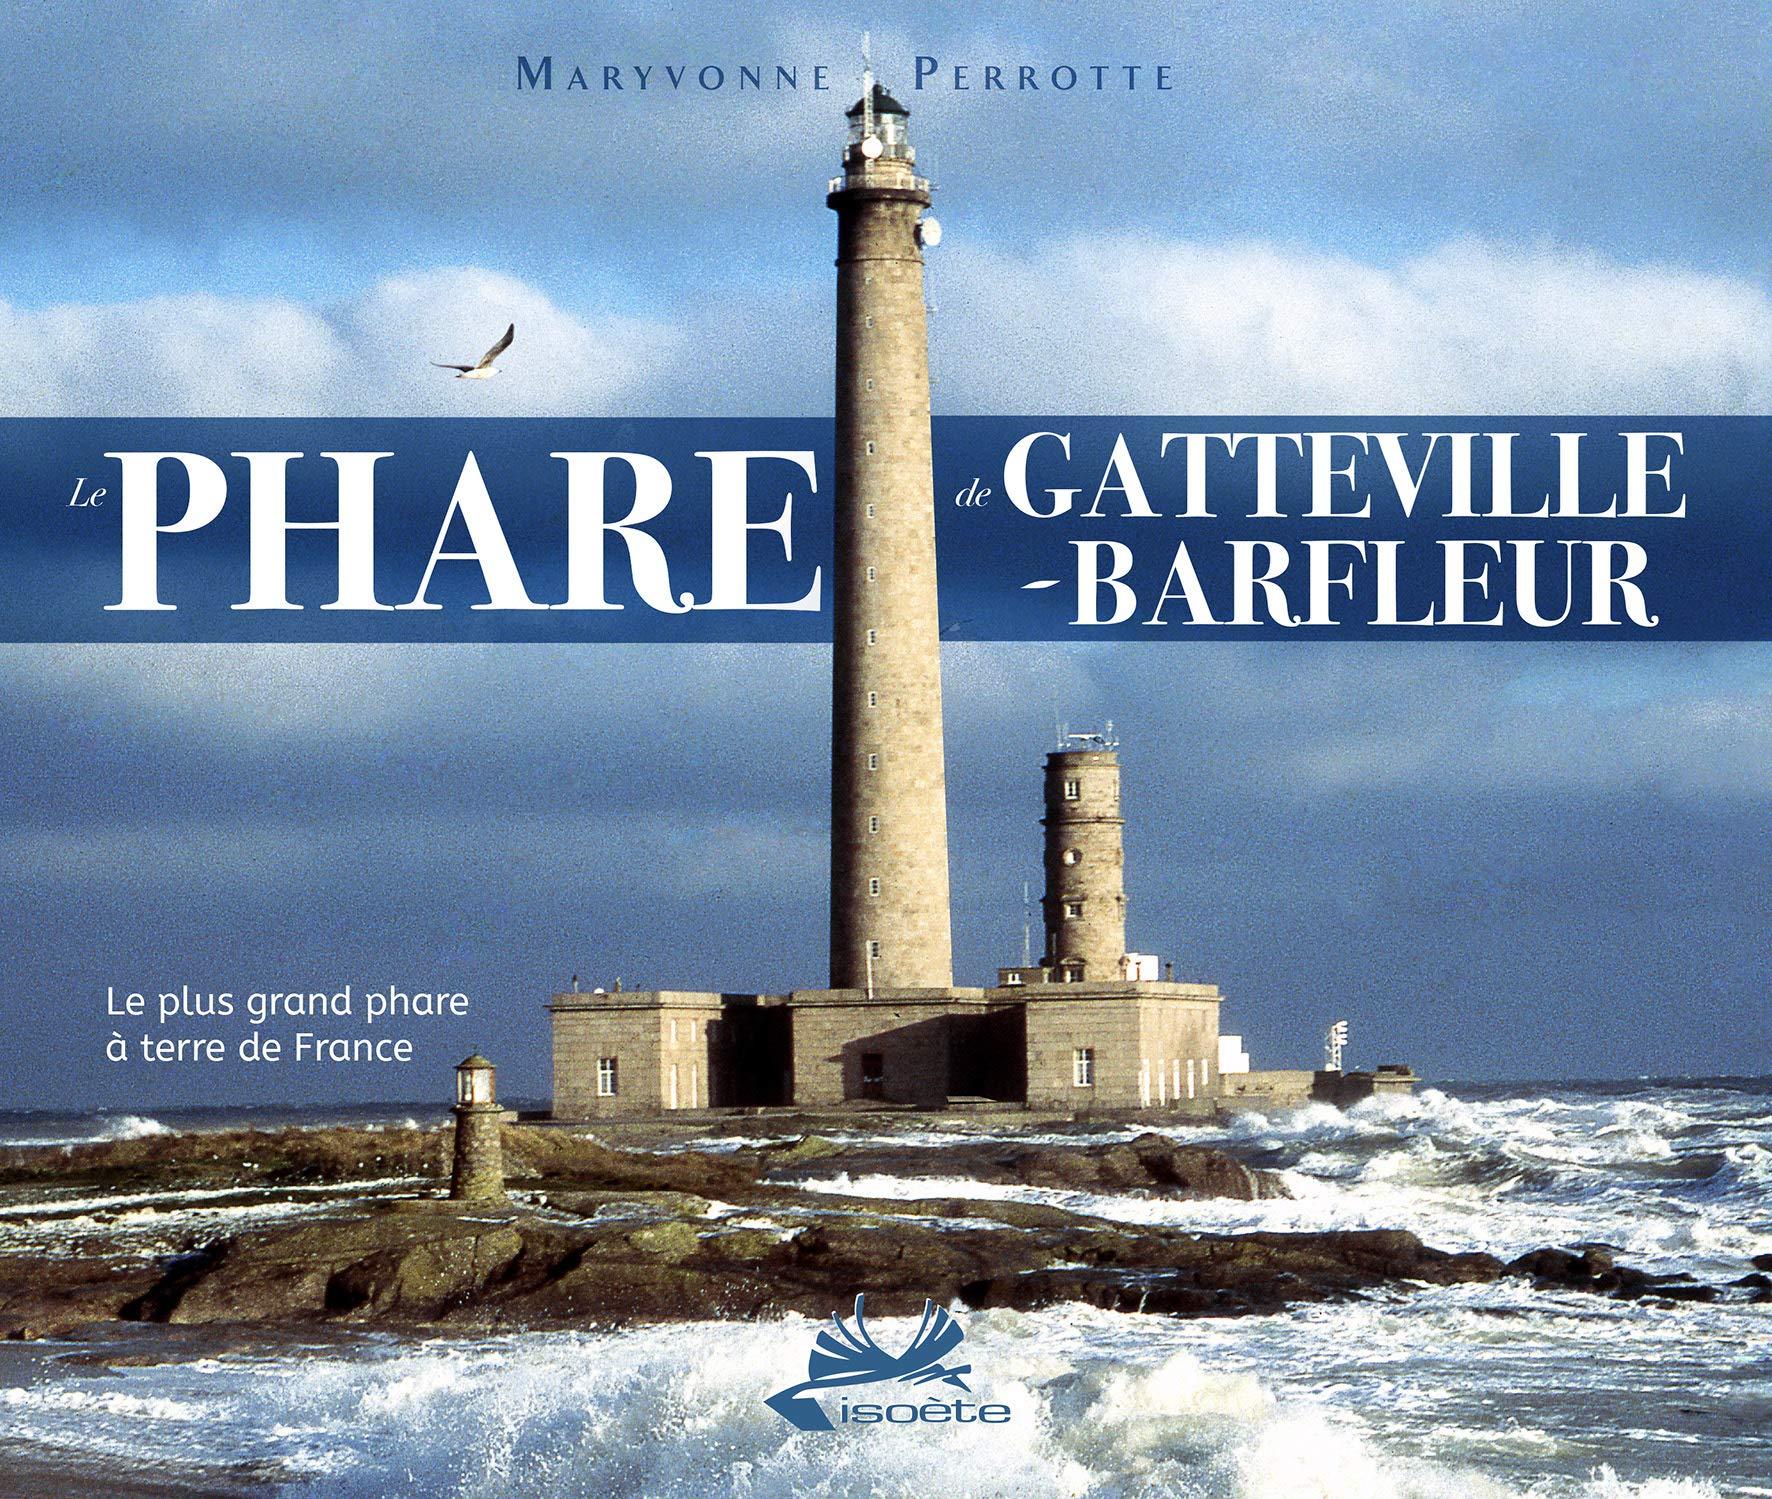 Histoire du phare de Gateville par Maryvonne Perrotte, fille d'un gardien de phare - Ed. Isoete.